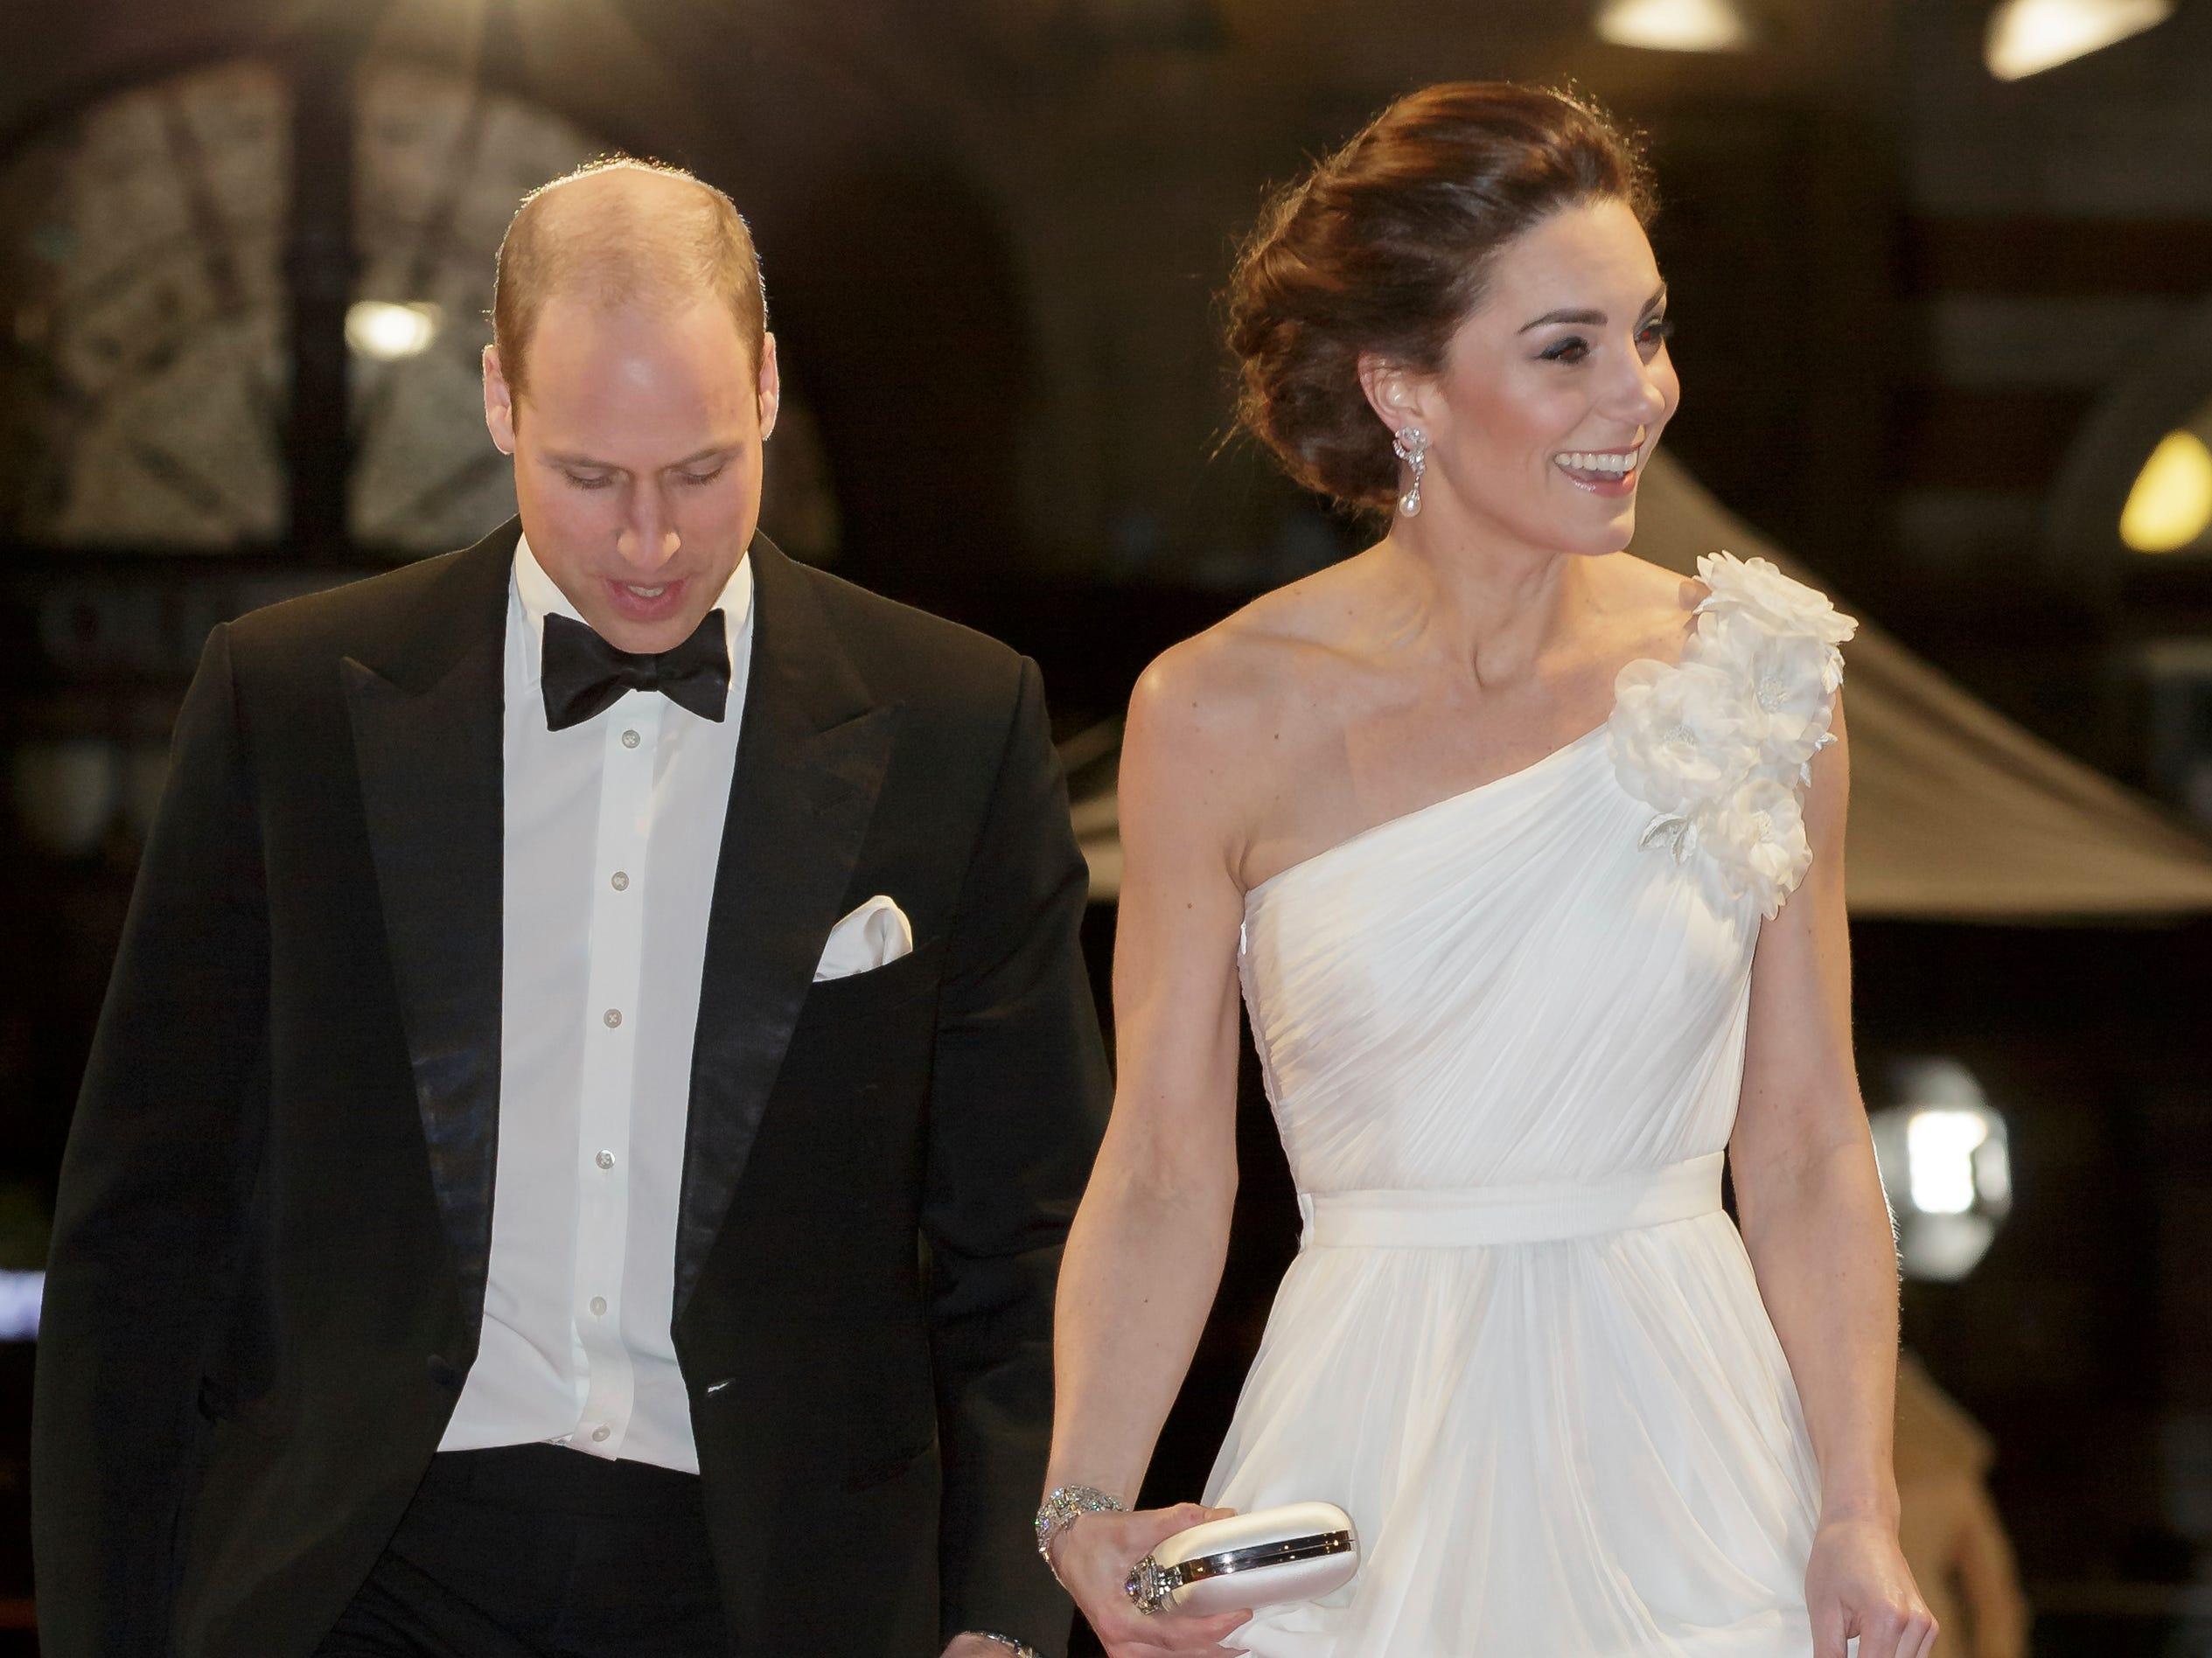 El príncipe William, Duque de Cambridge y Catherine, Duquesa de Cambridge a su llegada a la alfombra roja de los Premios de la Academia Británica de Cine BAFTA en el Royal Albert Hall en Londres el 10 de febrero de 2019.